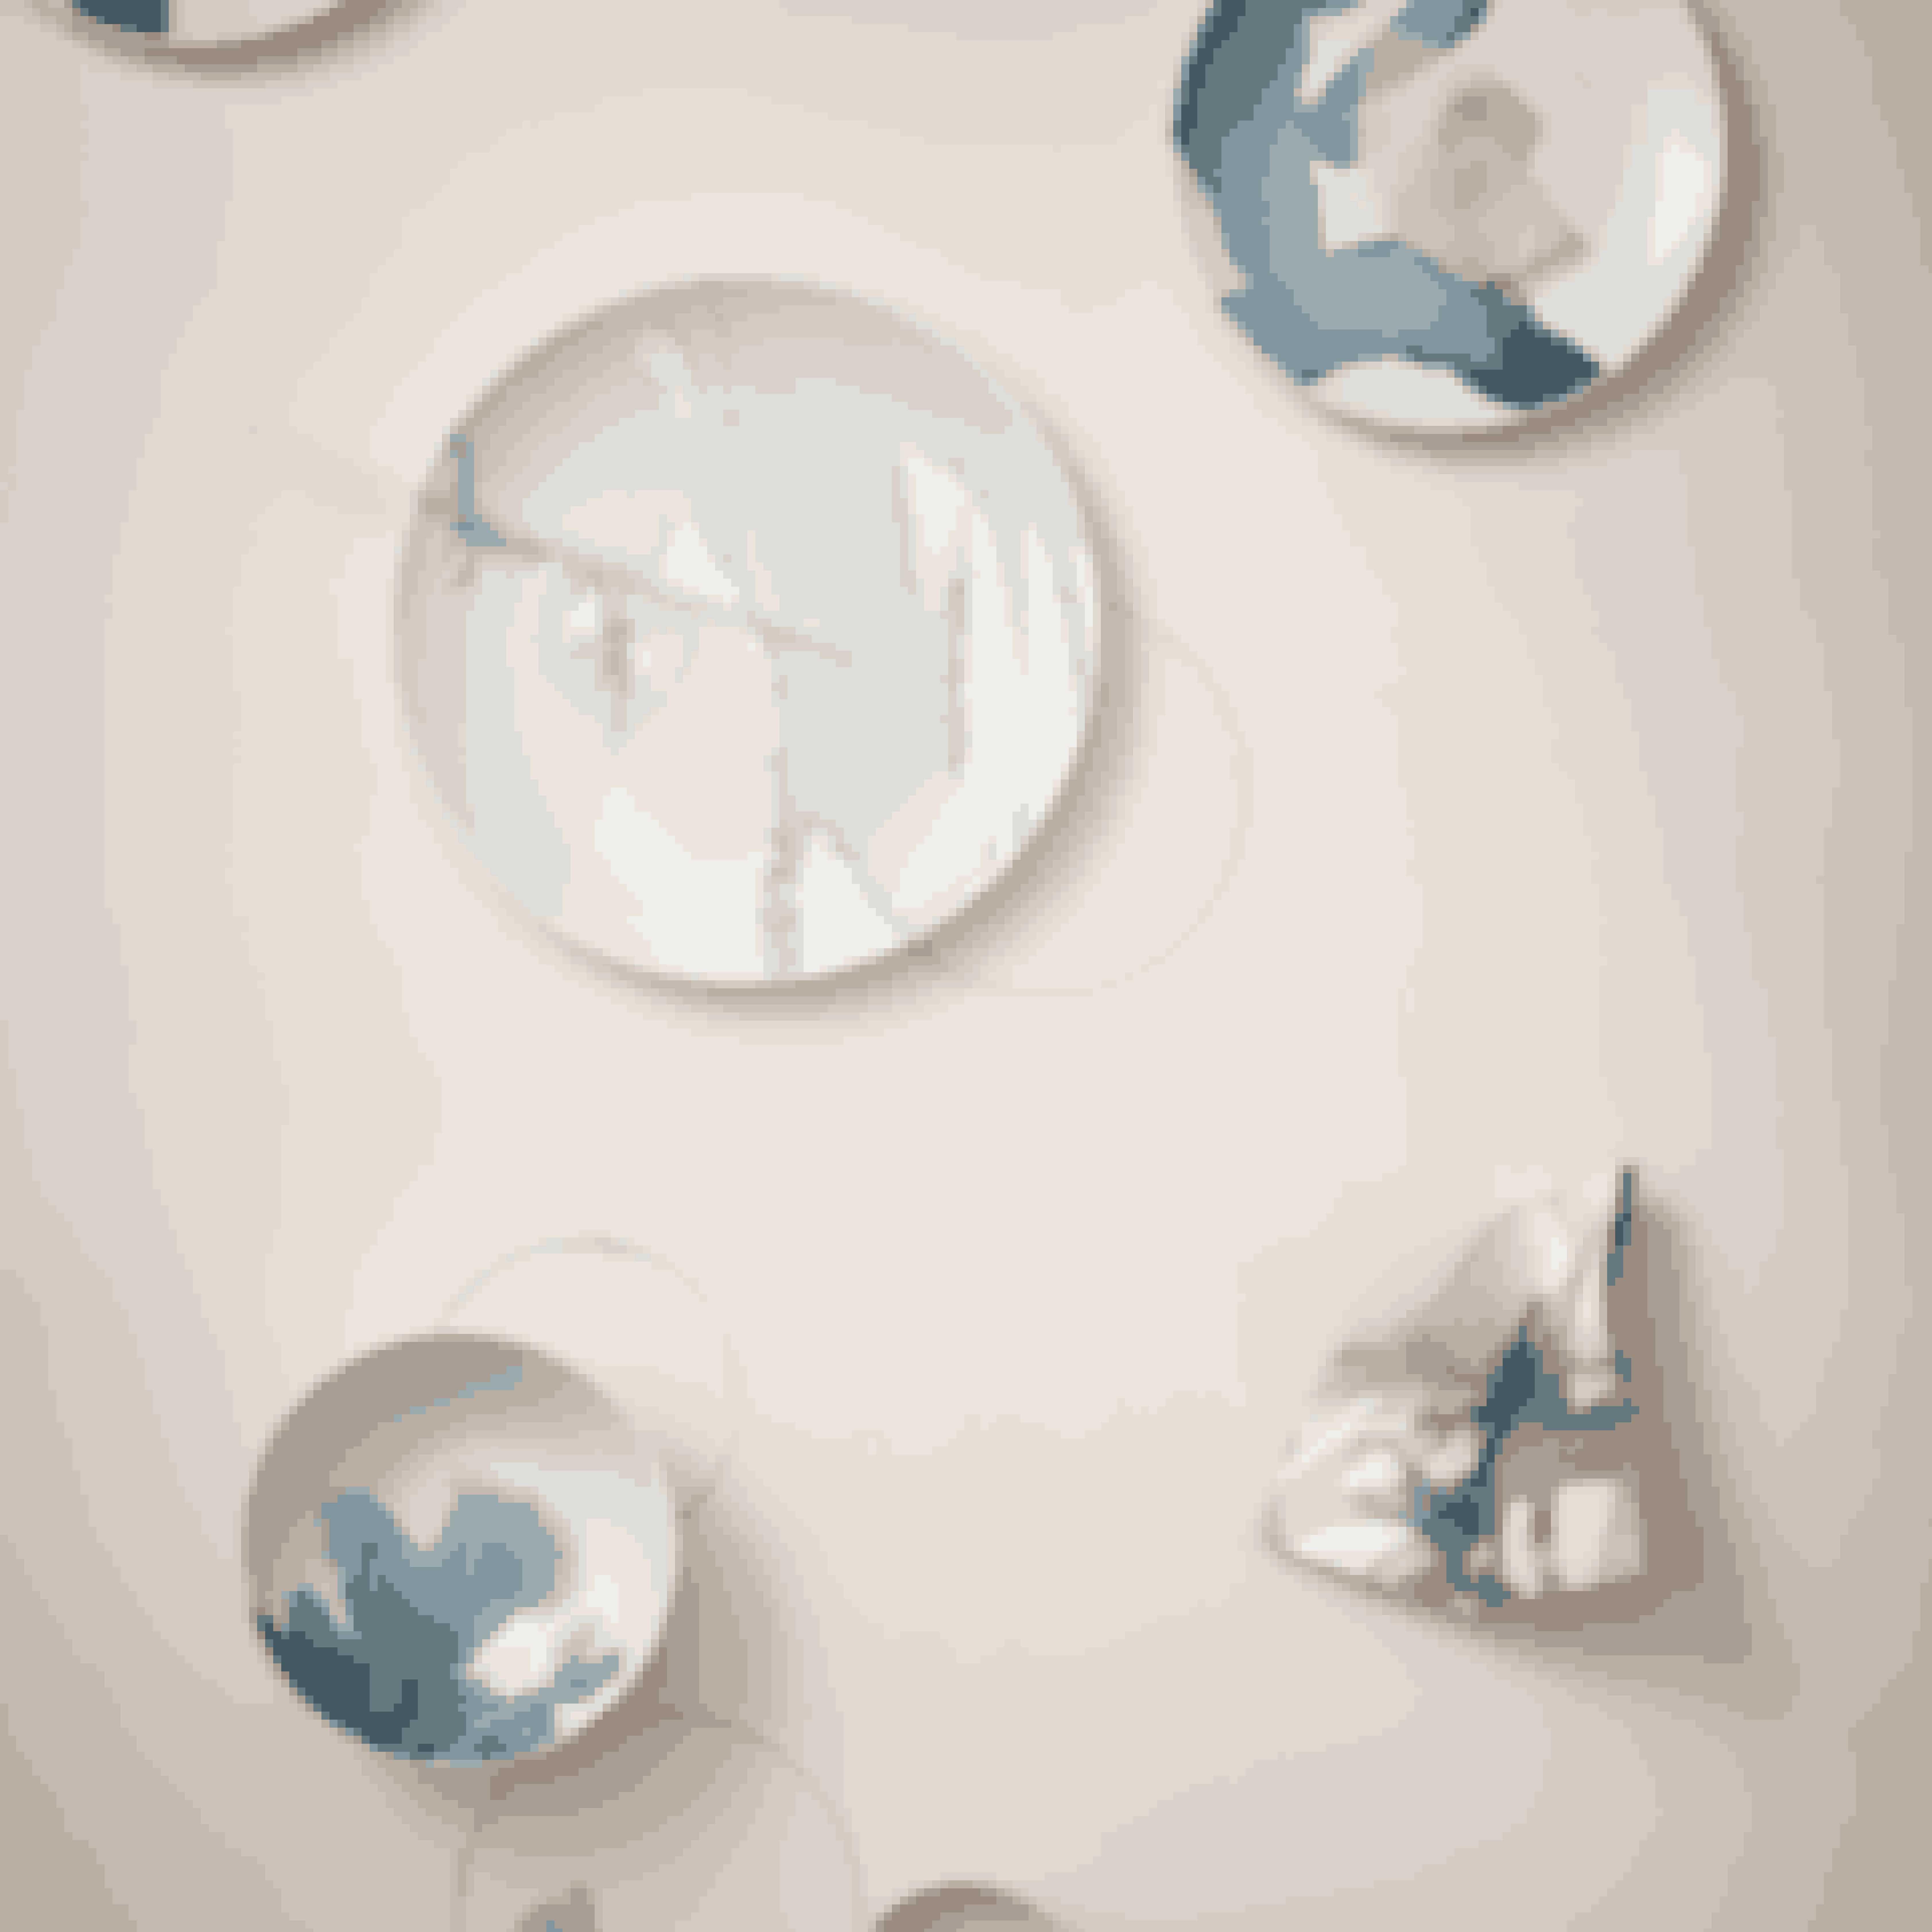 BEHAGA service serien byder på et unikt farve mønster, malet i tidens hotteste farve blå. Servicet tager sig godt ud på et lækkert træbord eller en flot lys dug. Kollektionen findes i flade- og dybe tallerkener, skåle, og servietter.Priserne starter fra 12 kr.